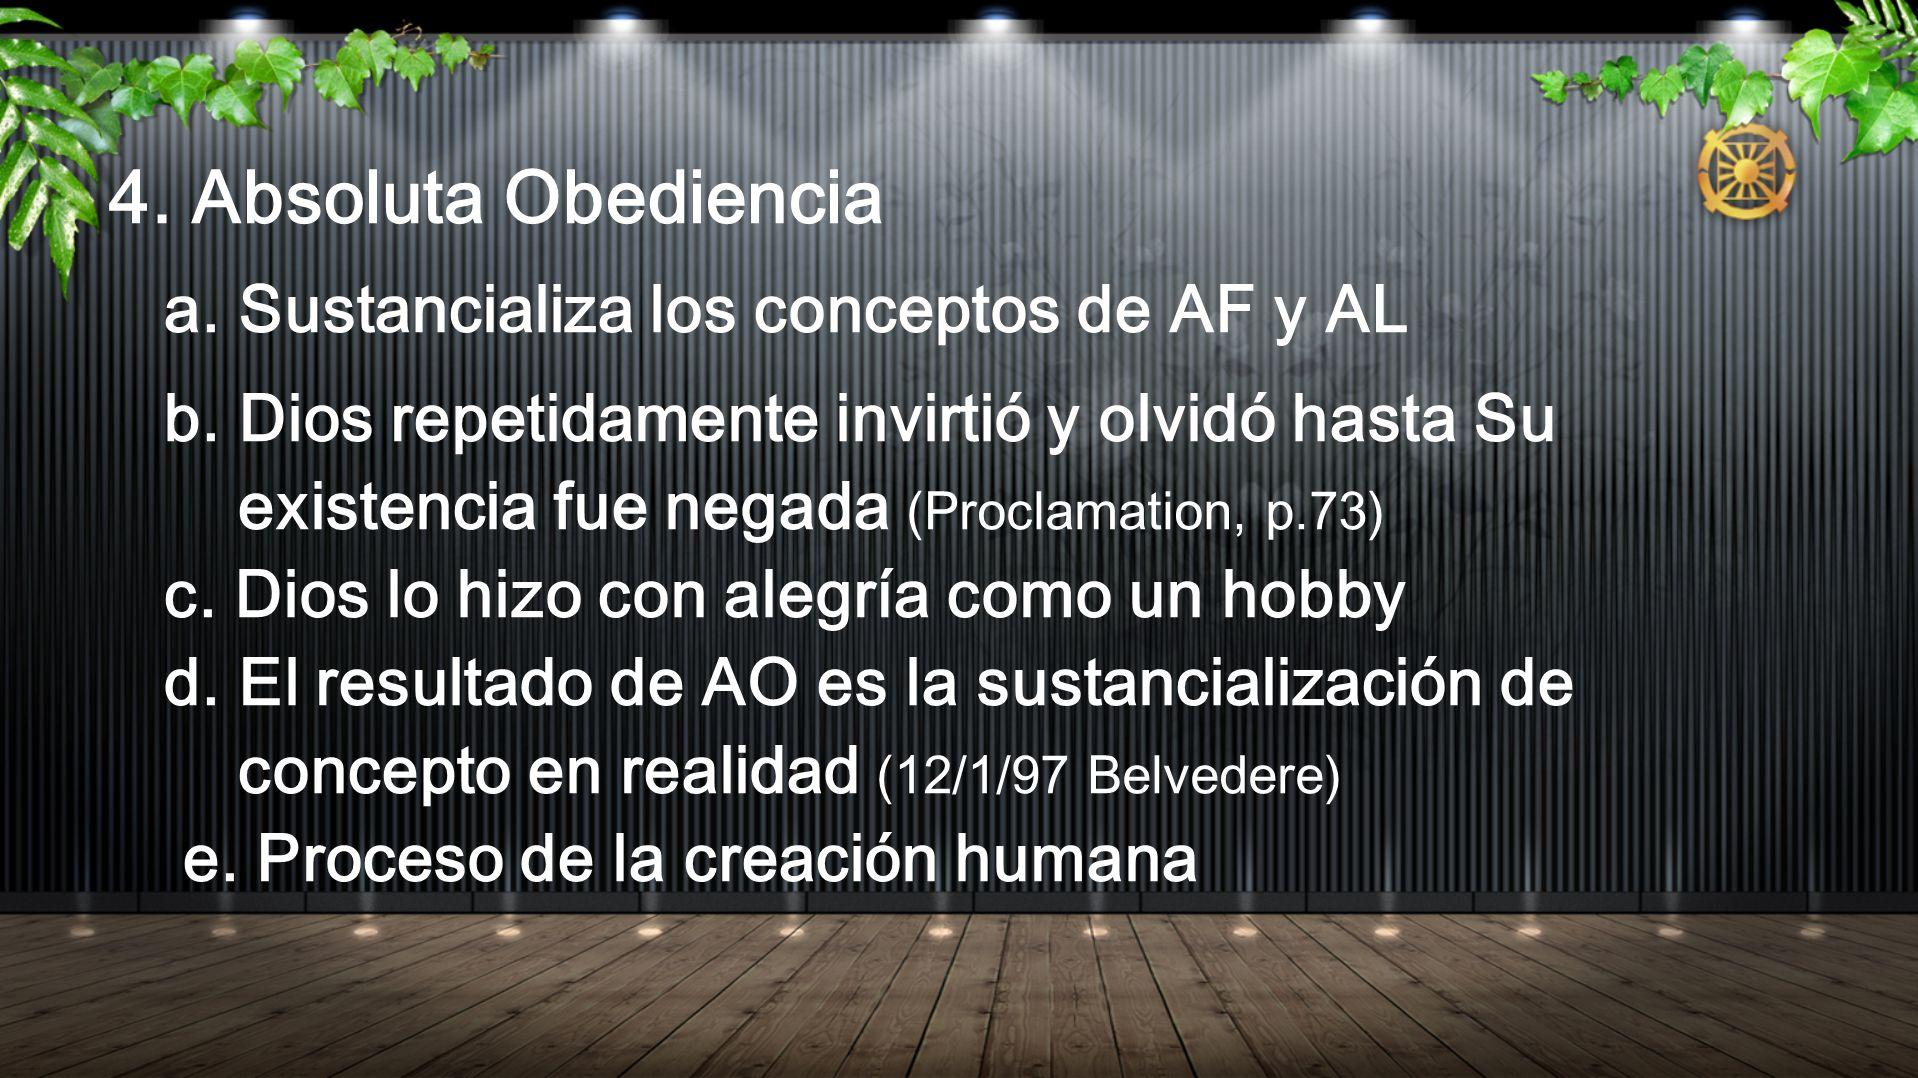 4. Absoluta Obediencia a. Sustancializa los conceptos de AF y AL